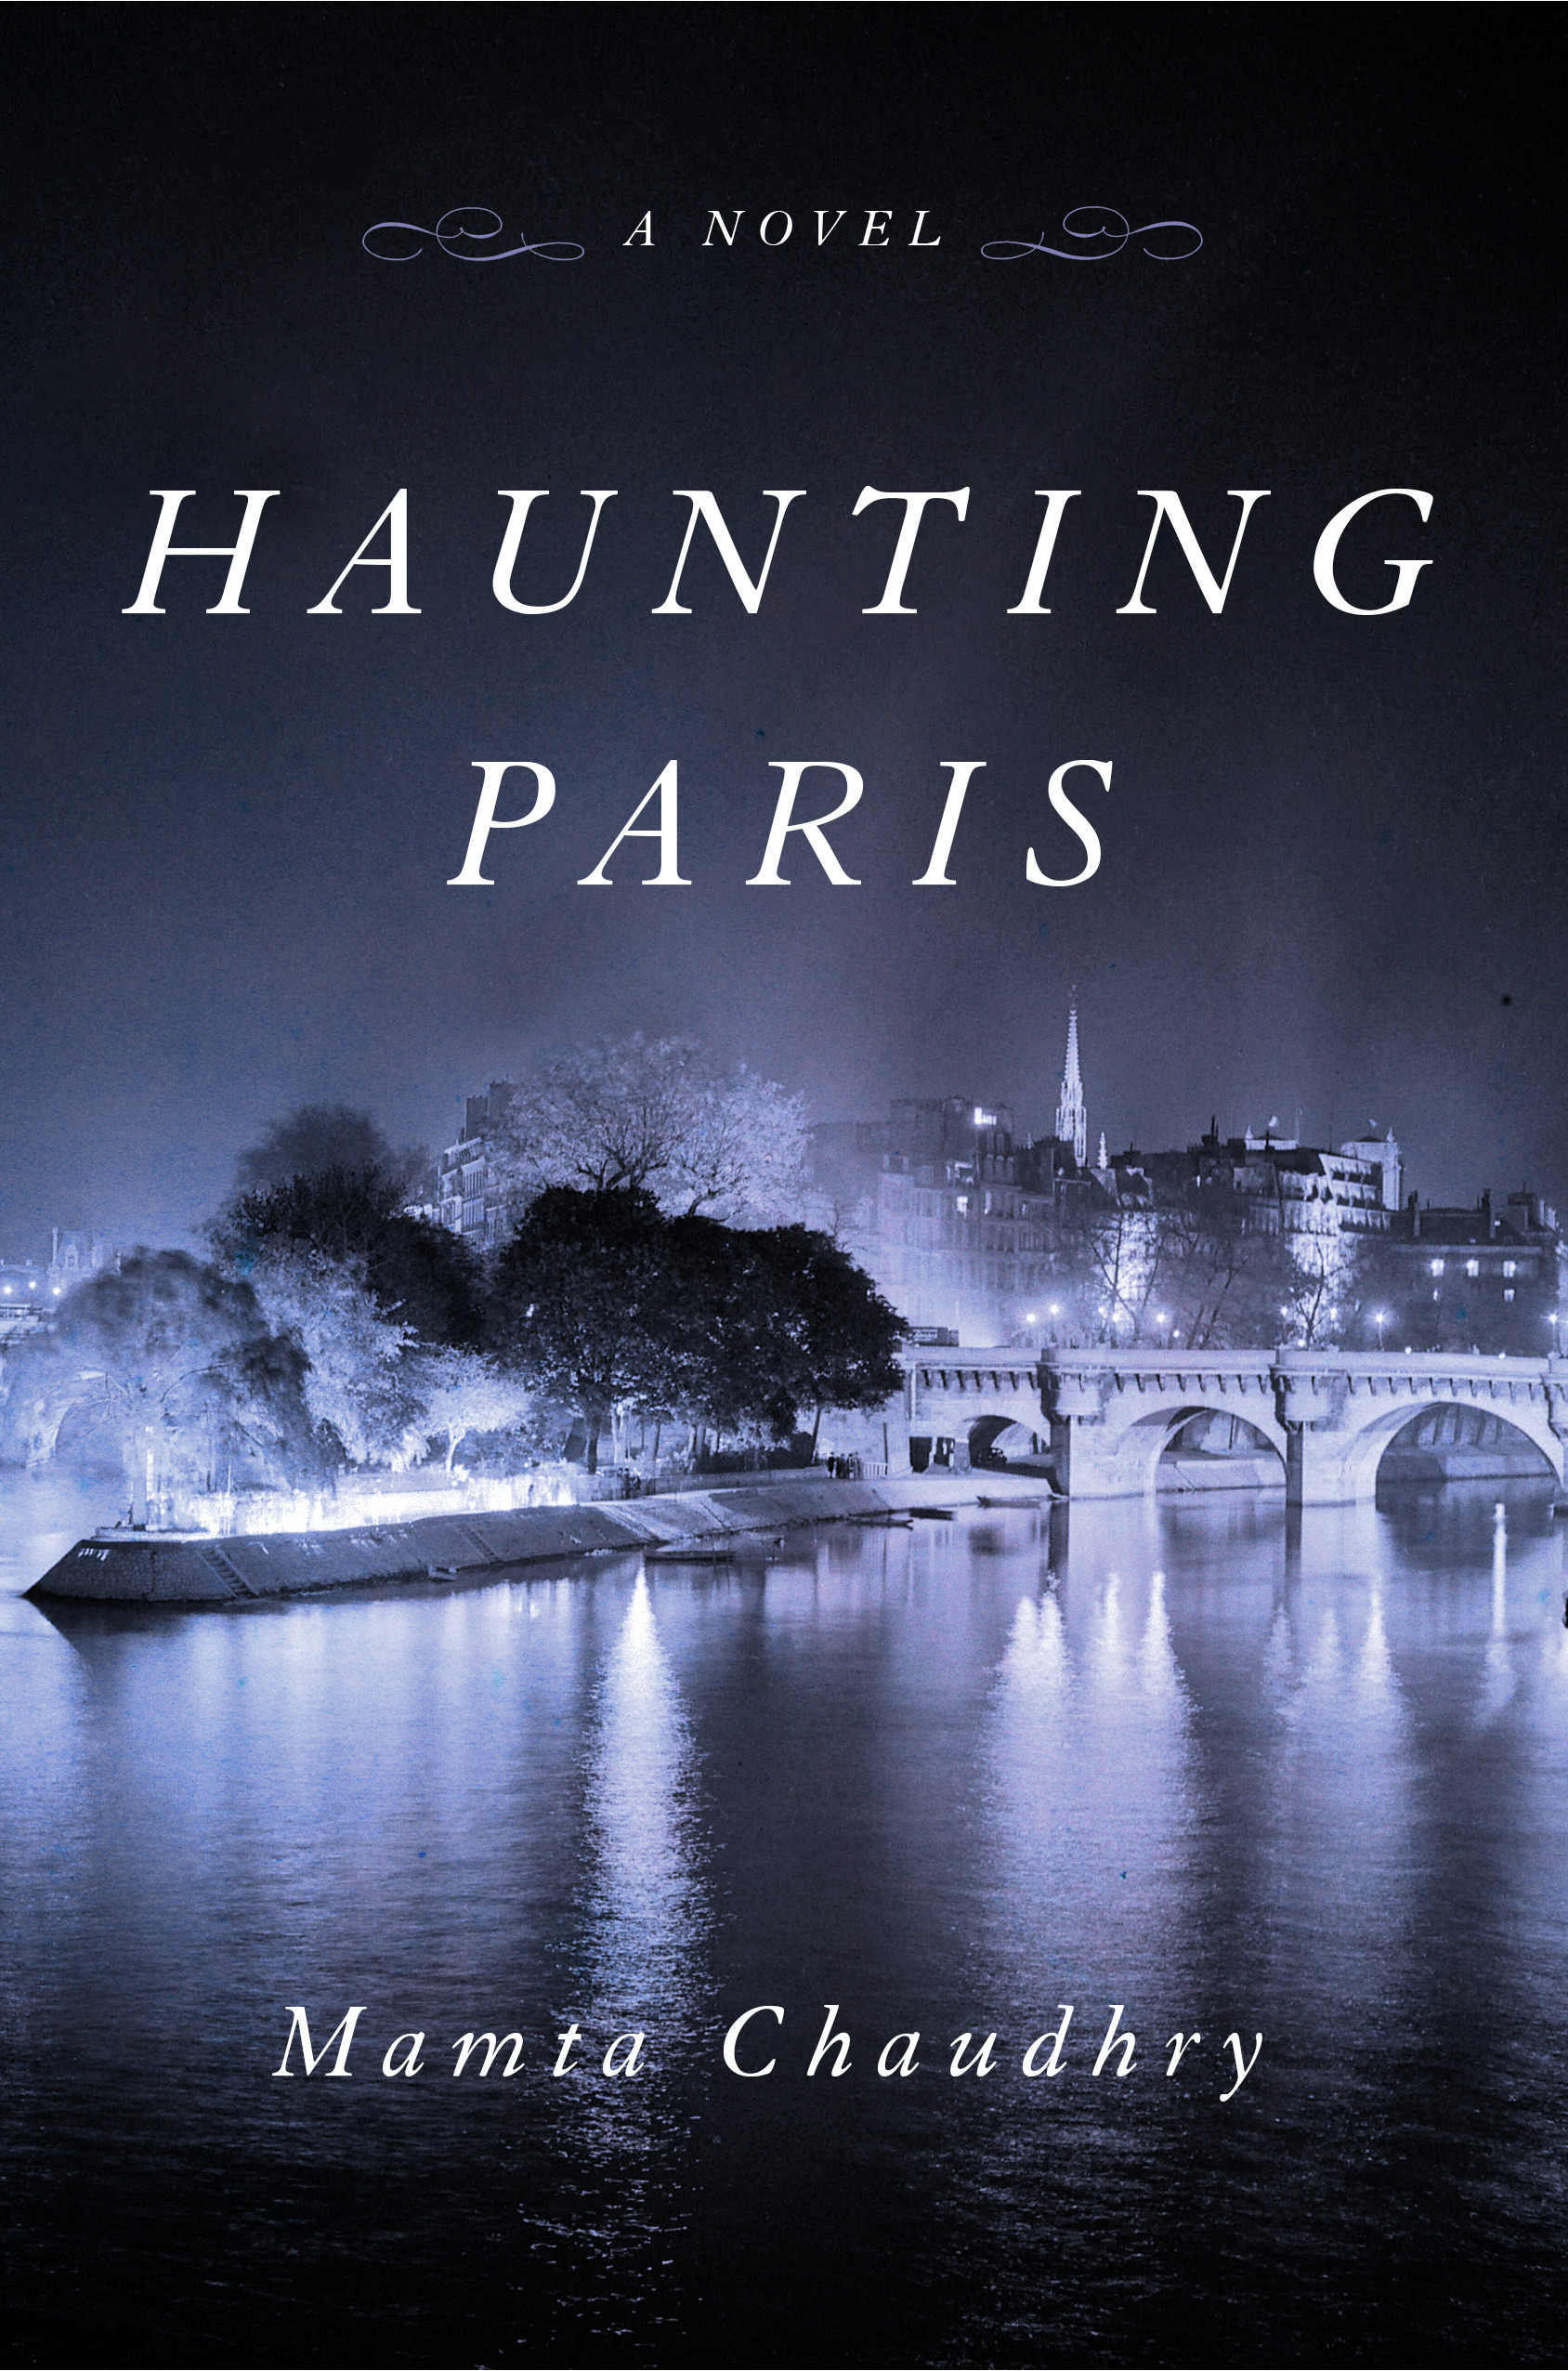 Haunting Paris cover.jpg